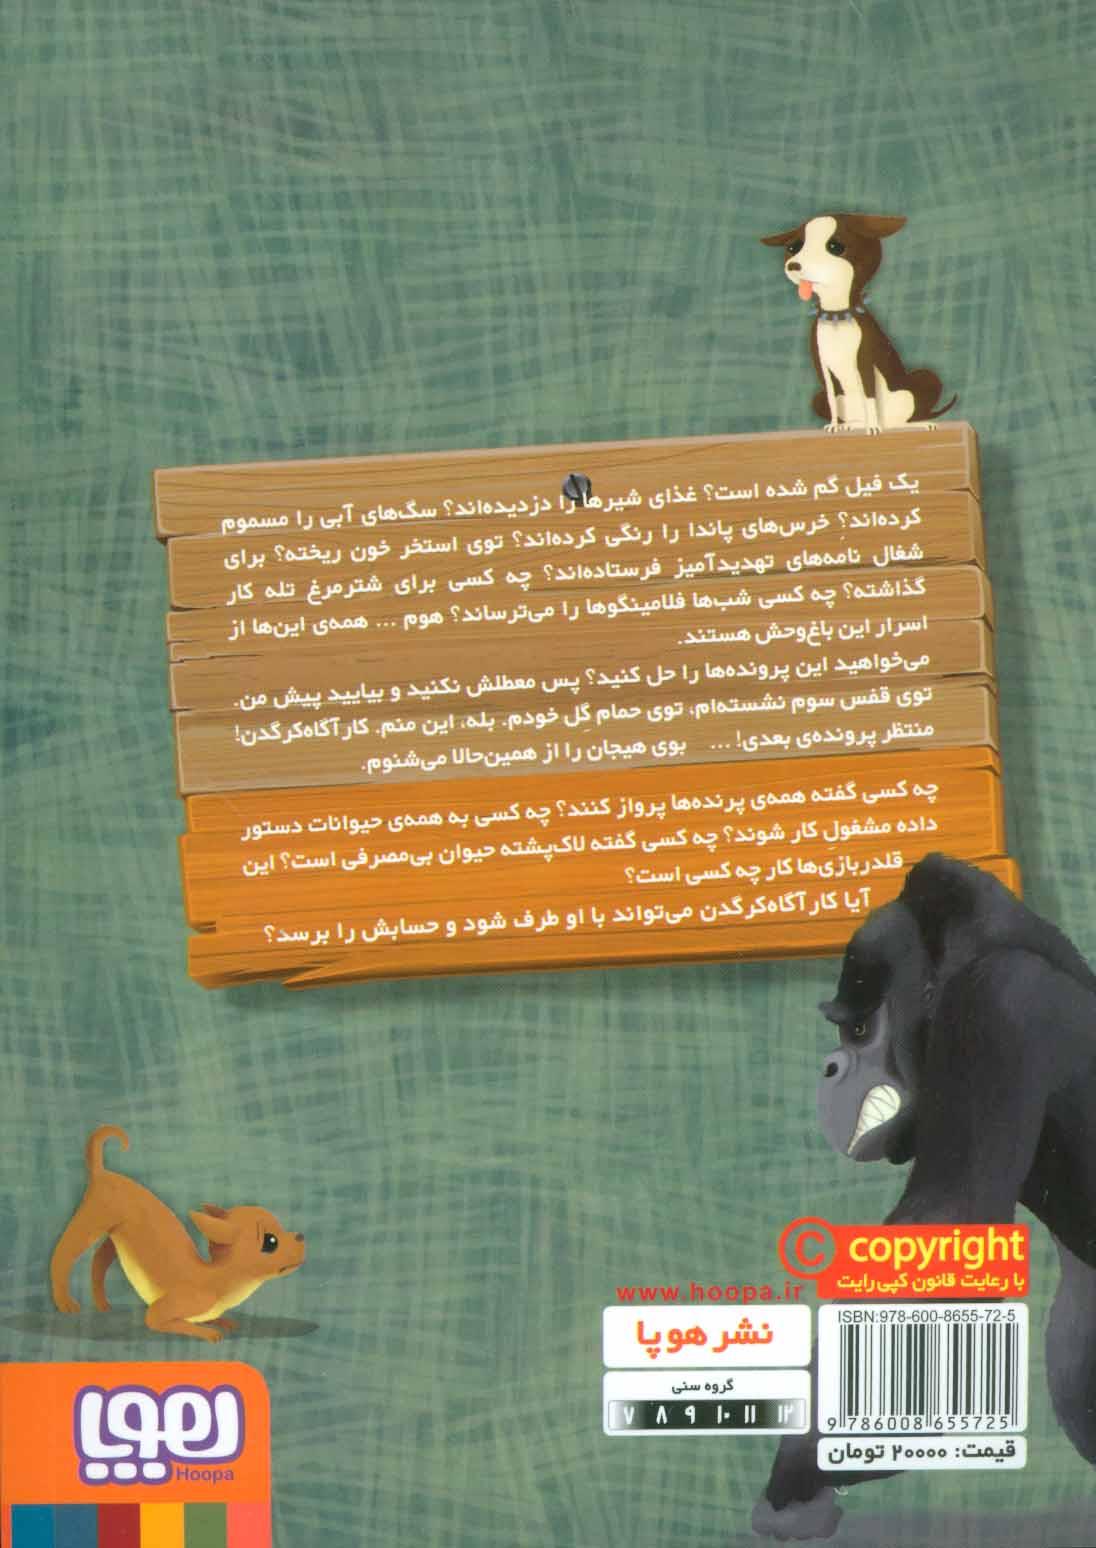 کارآگاه کرگدن در باغ وحش مرموز 6 (ماجرای شی واوای قلدر)